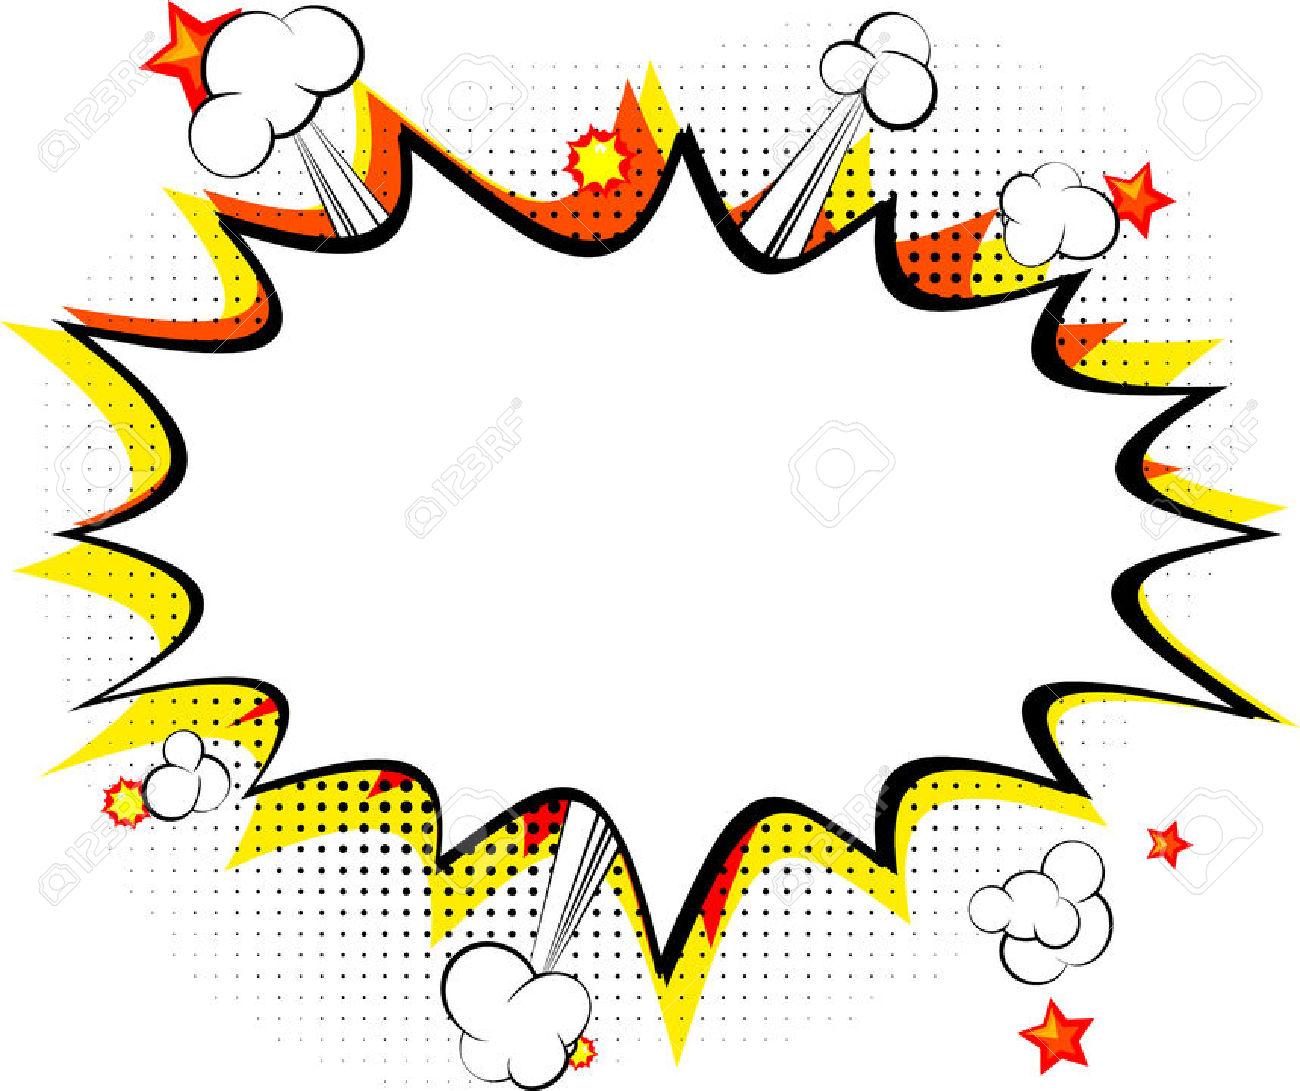 1300x1091 Comics Clipart Explosion